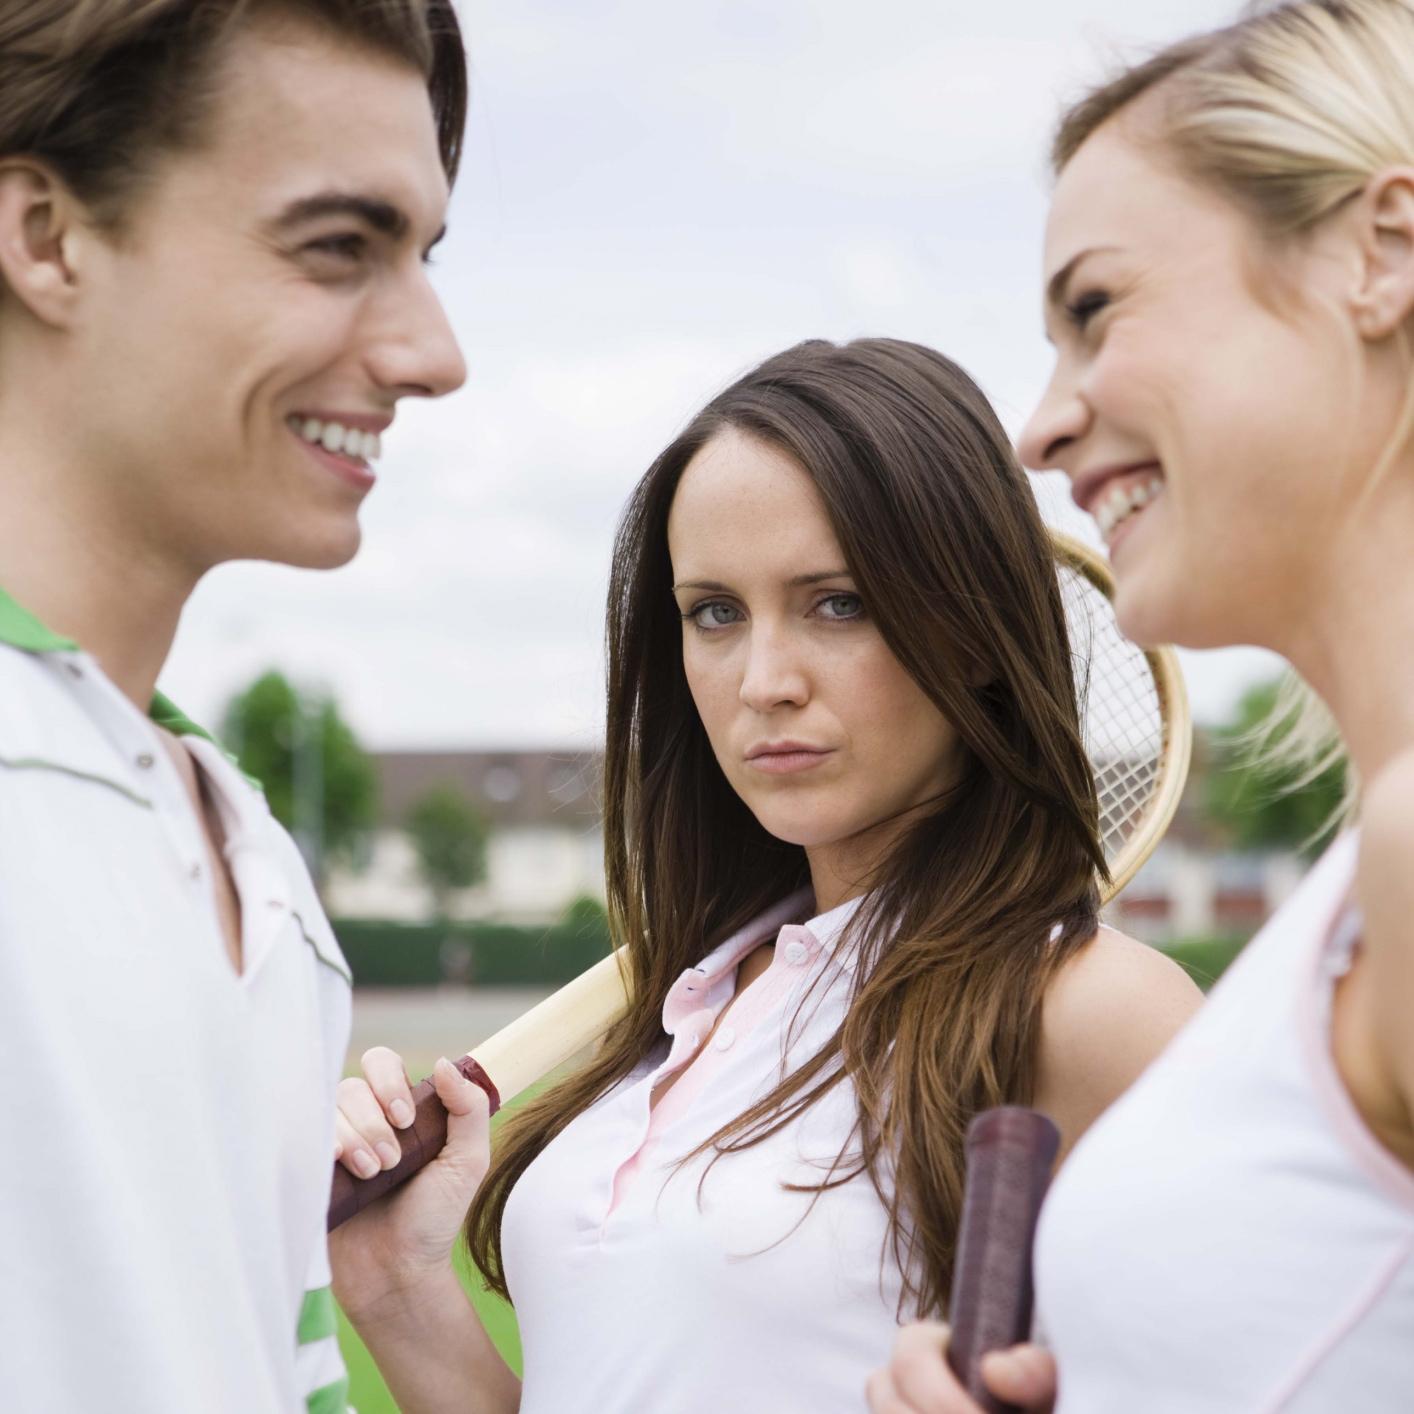 Hoe flirten verlegen vrouwen